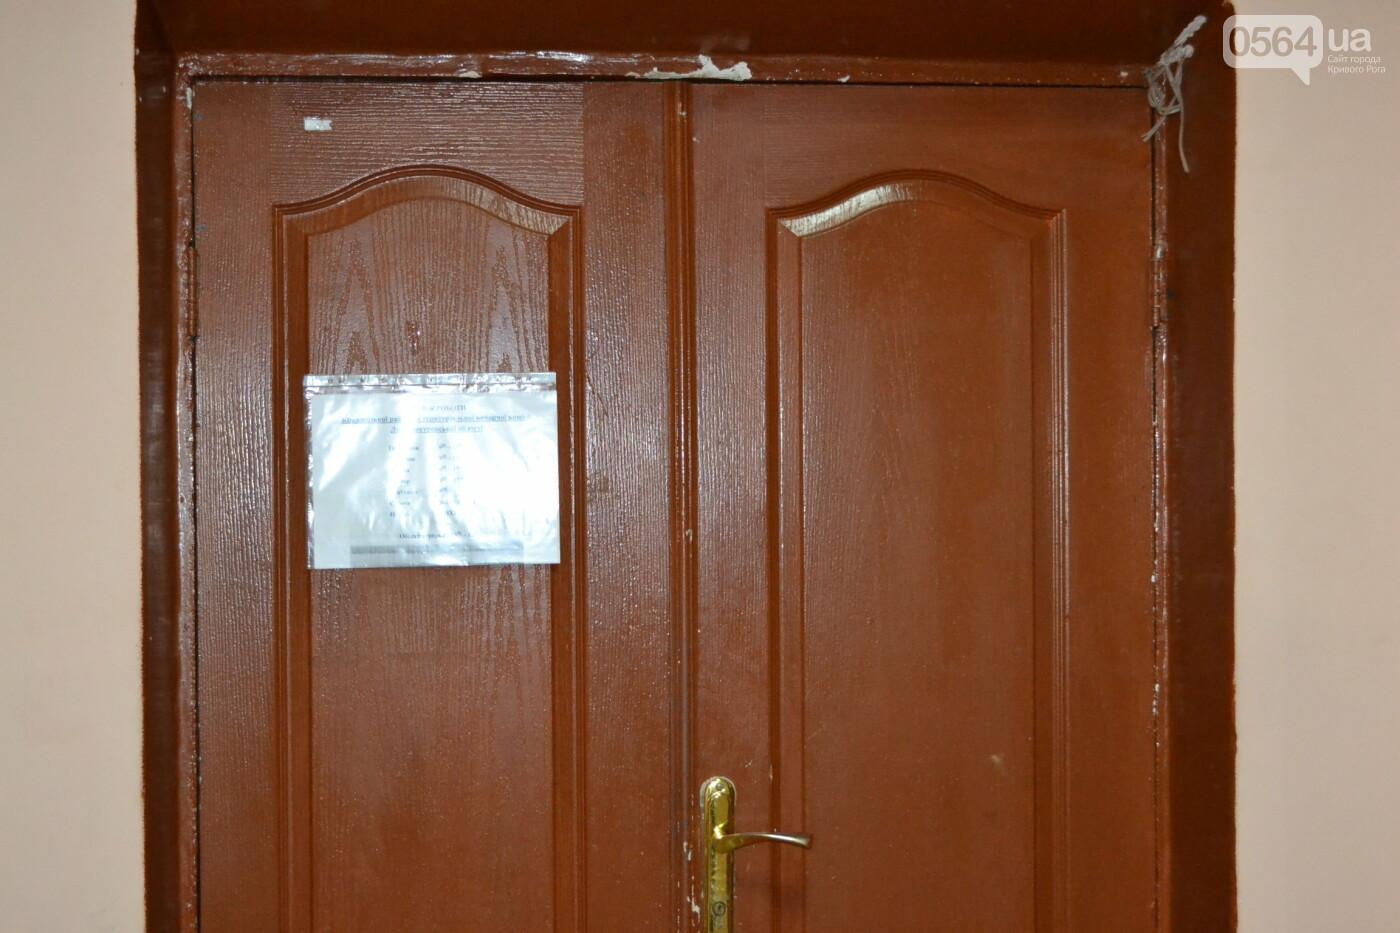 Криворожская РИК продолжает принимать протоколы об итогах голосования на выборах в райсовет, - ФОТО, фото-8